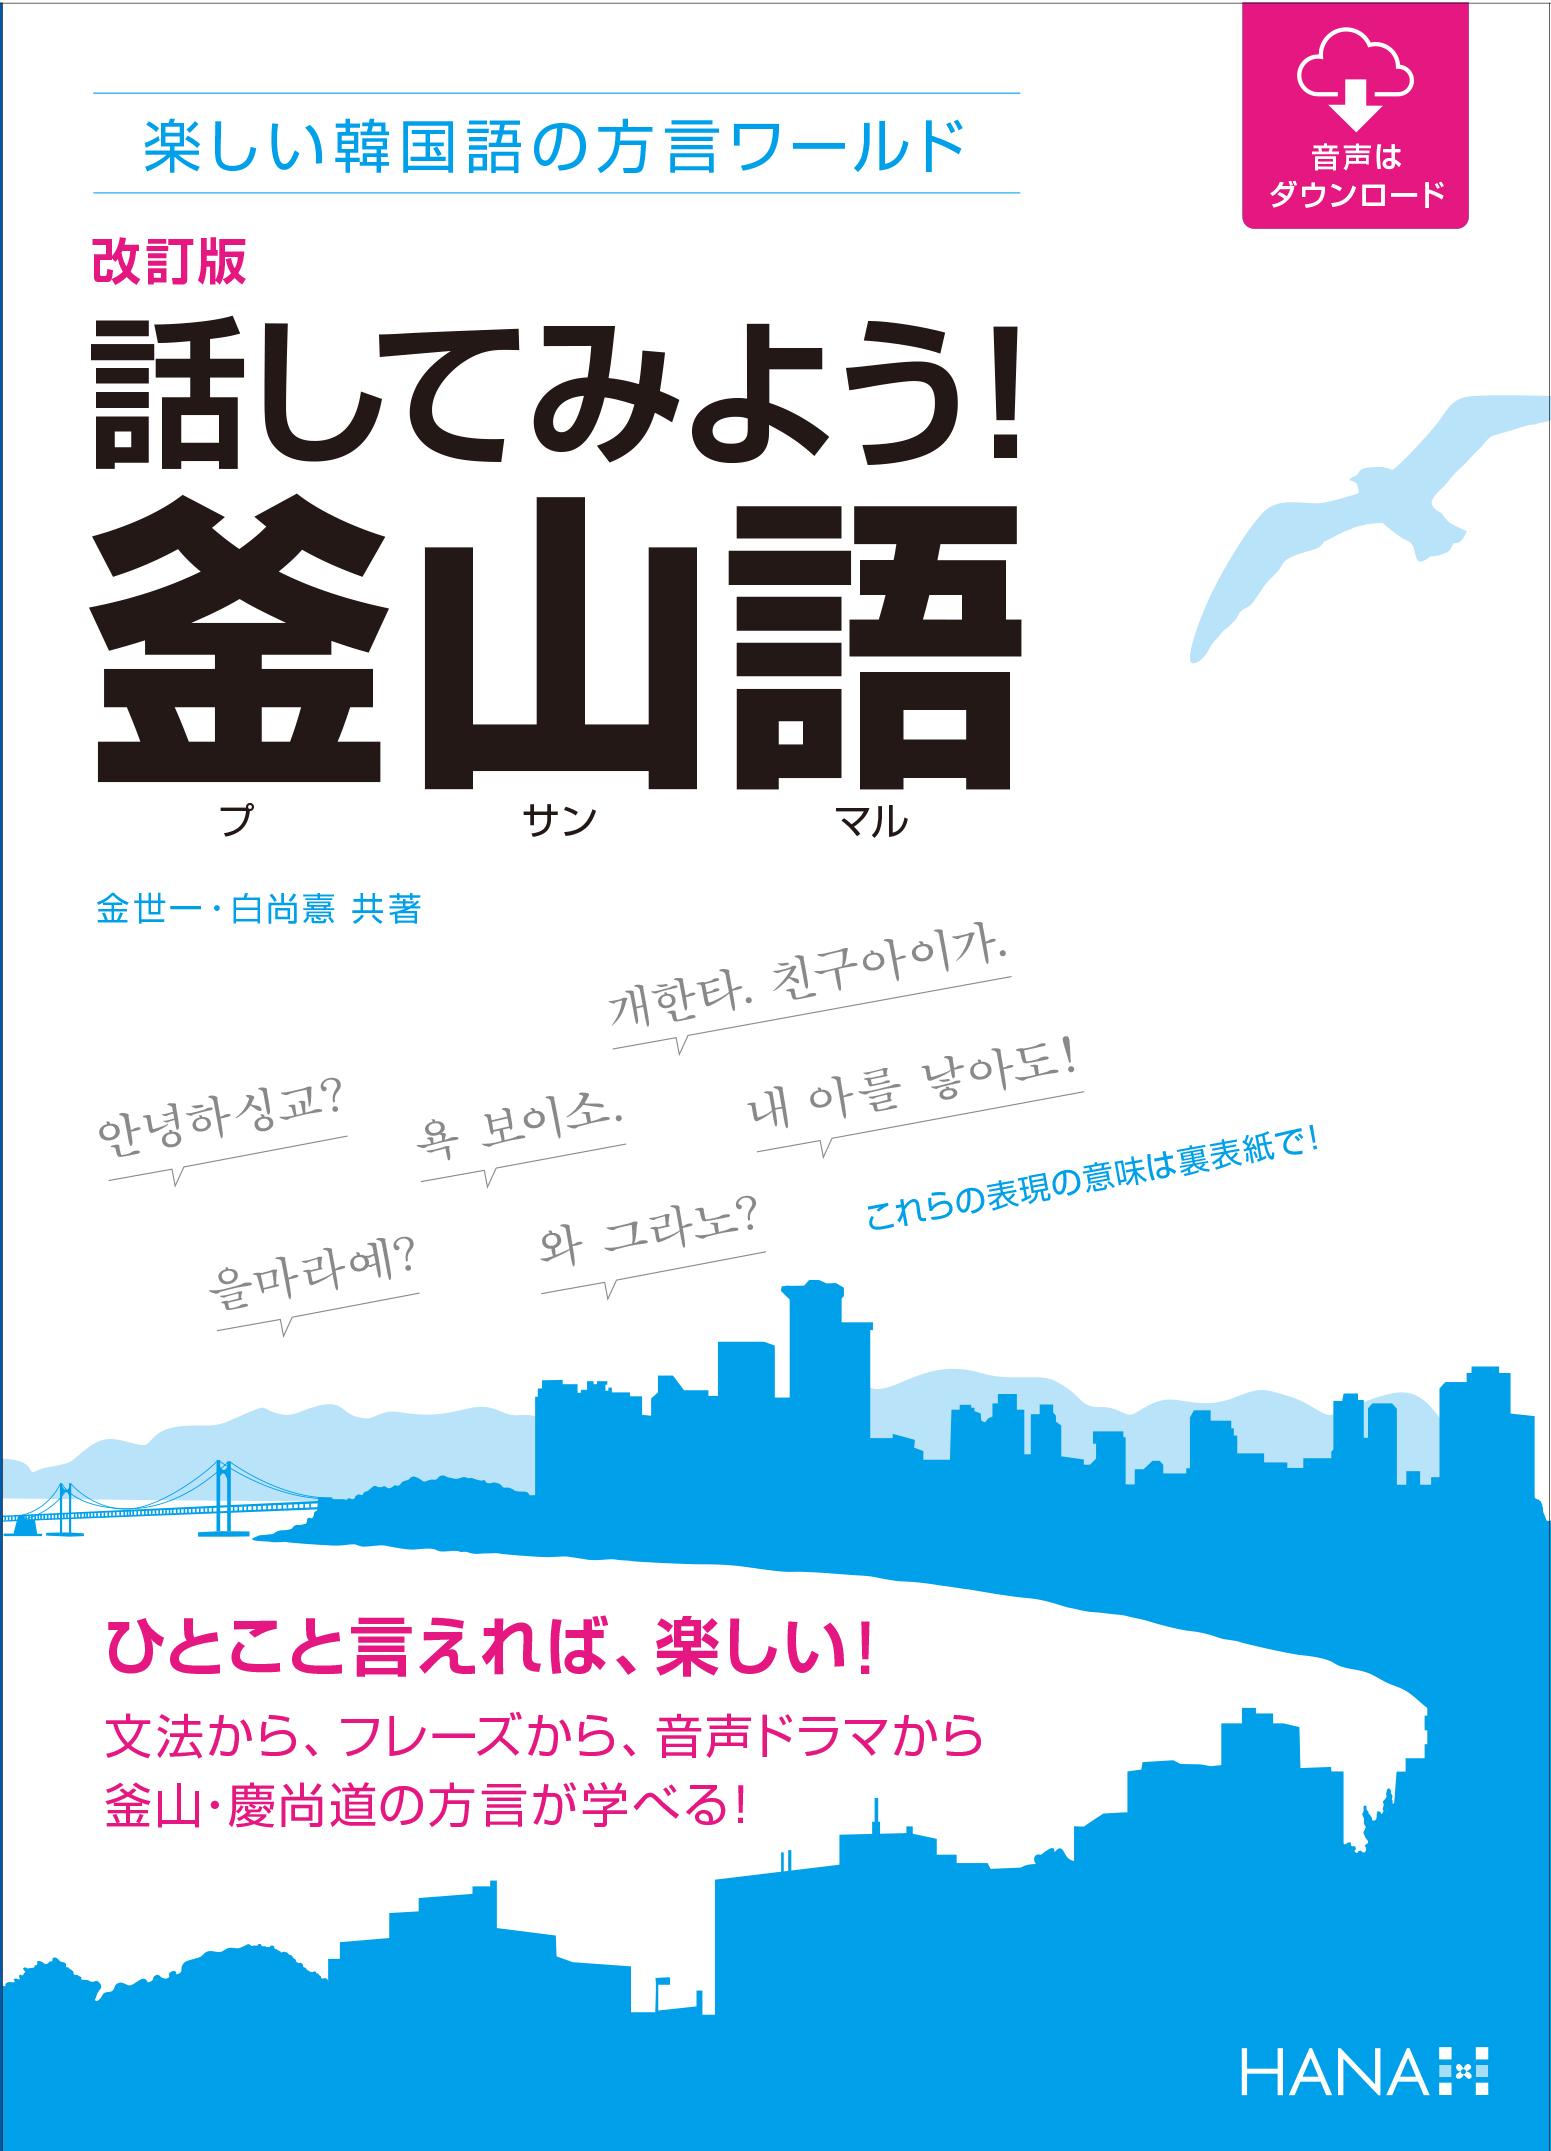 『改訂版 話してみよう! 釜山語(プサンマル)』のイメージ